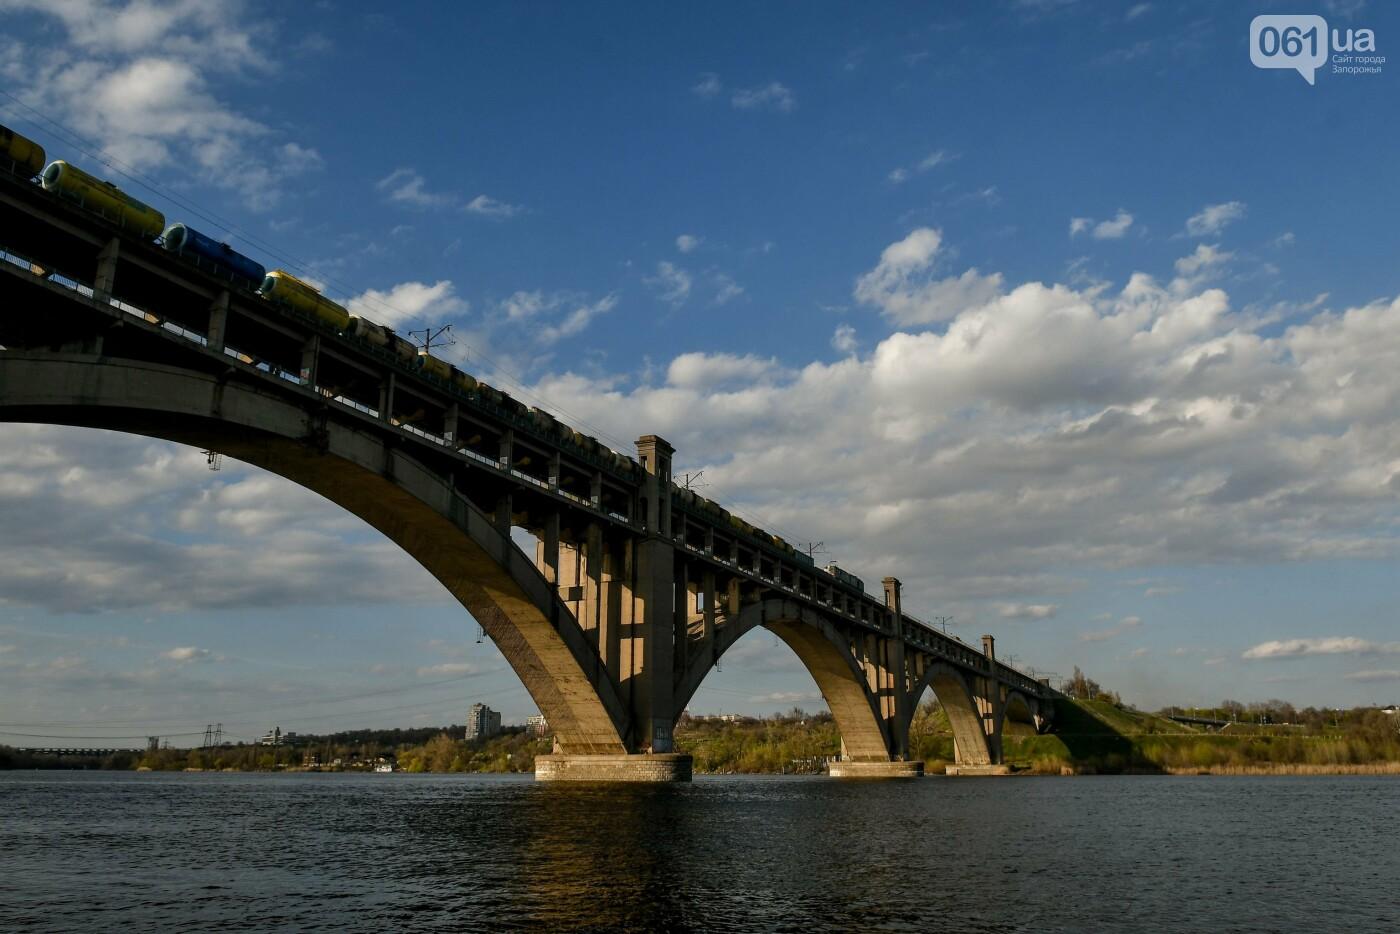 В Запорожье монтируют первый блок вантового моста, - ФОТОРЕПОРТАЖ, фото-22